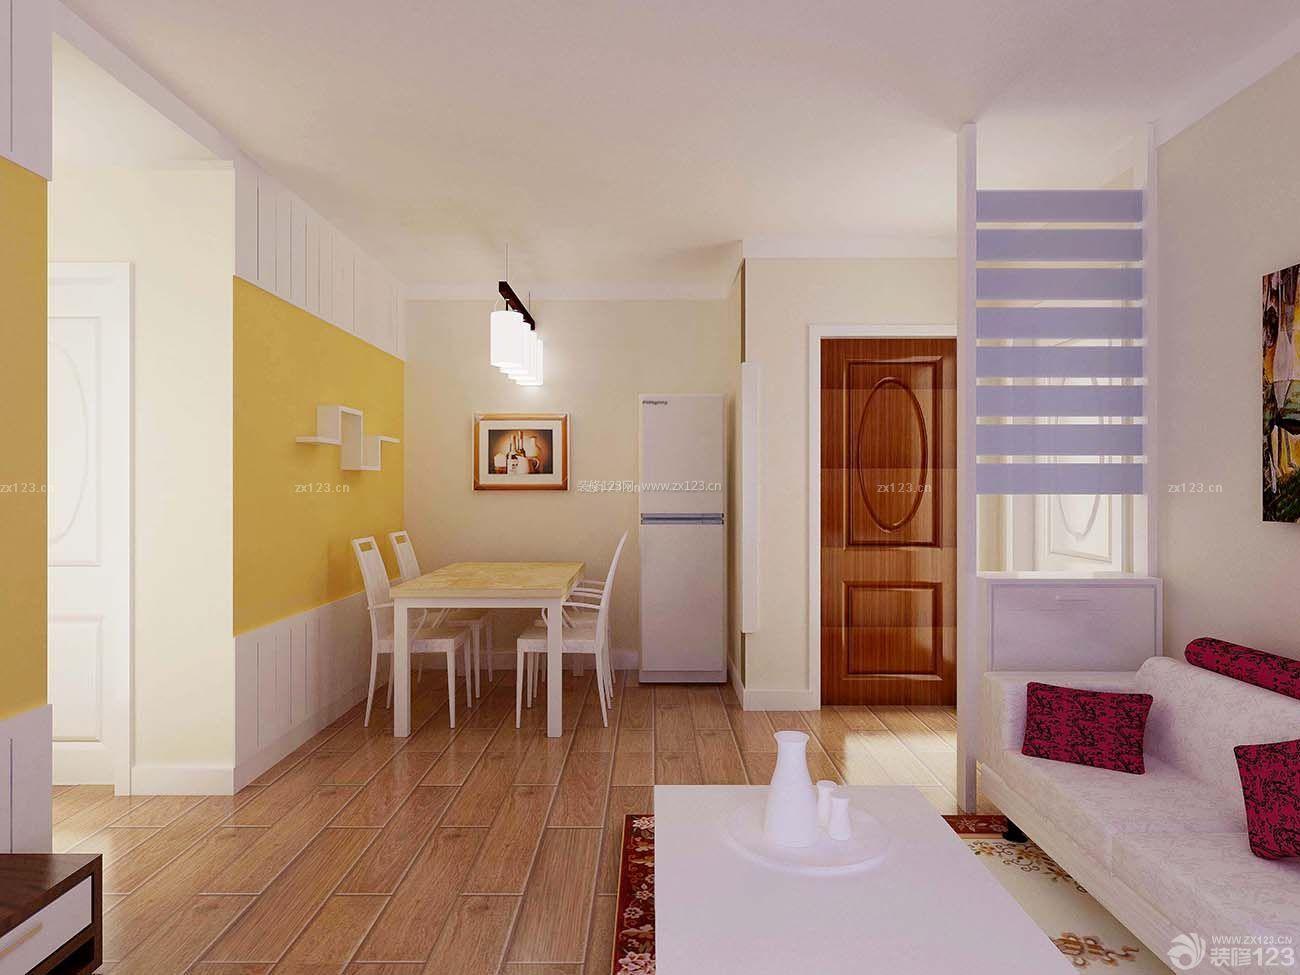 现代时尚装修效果图三室两厅客餐厅简装